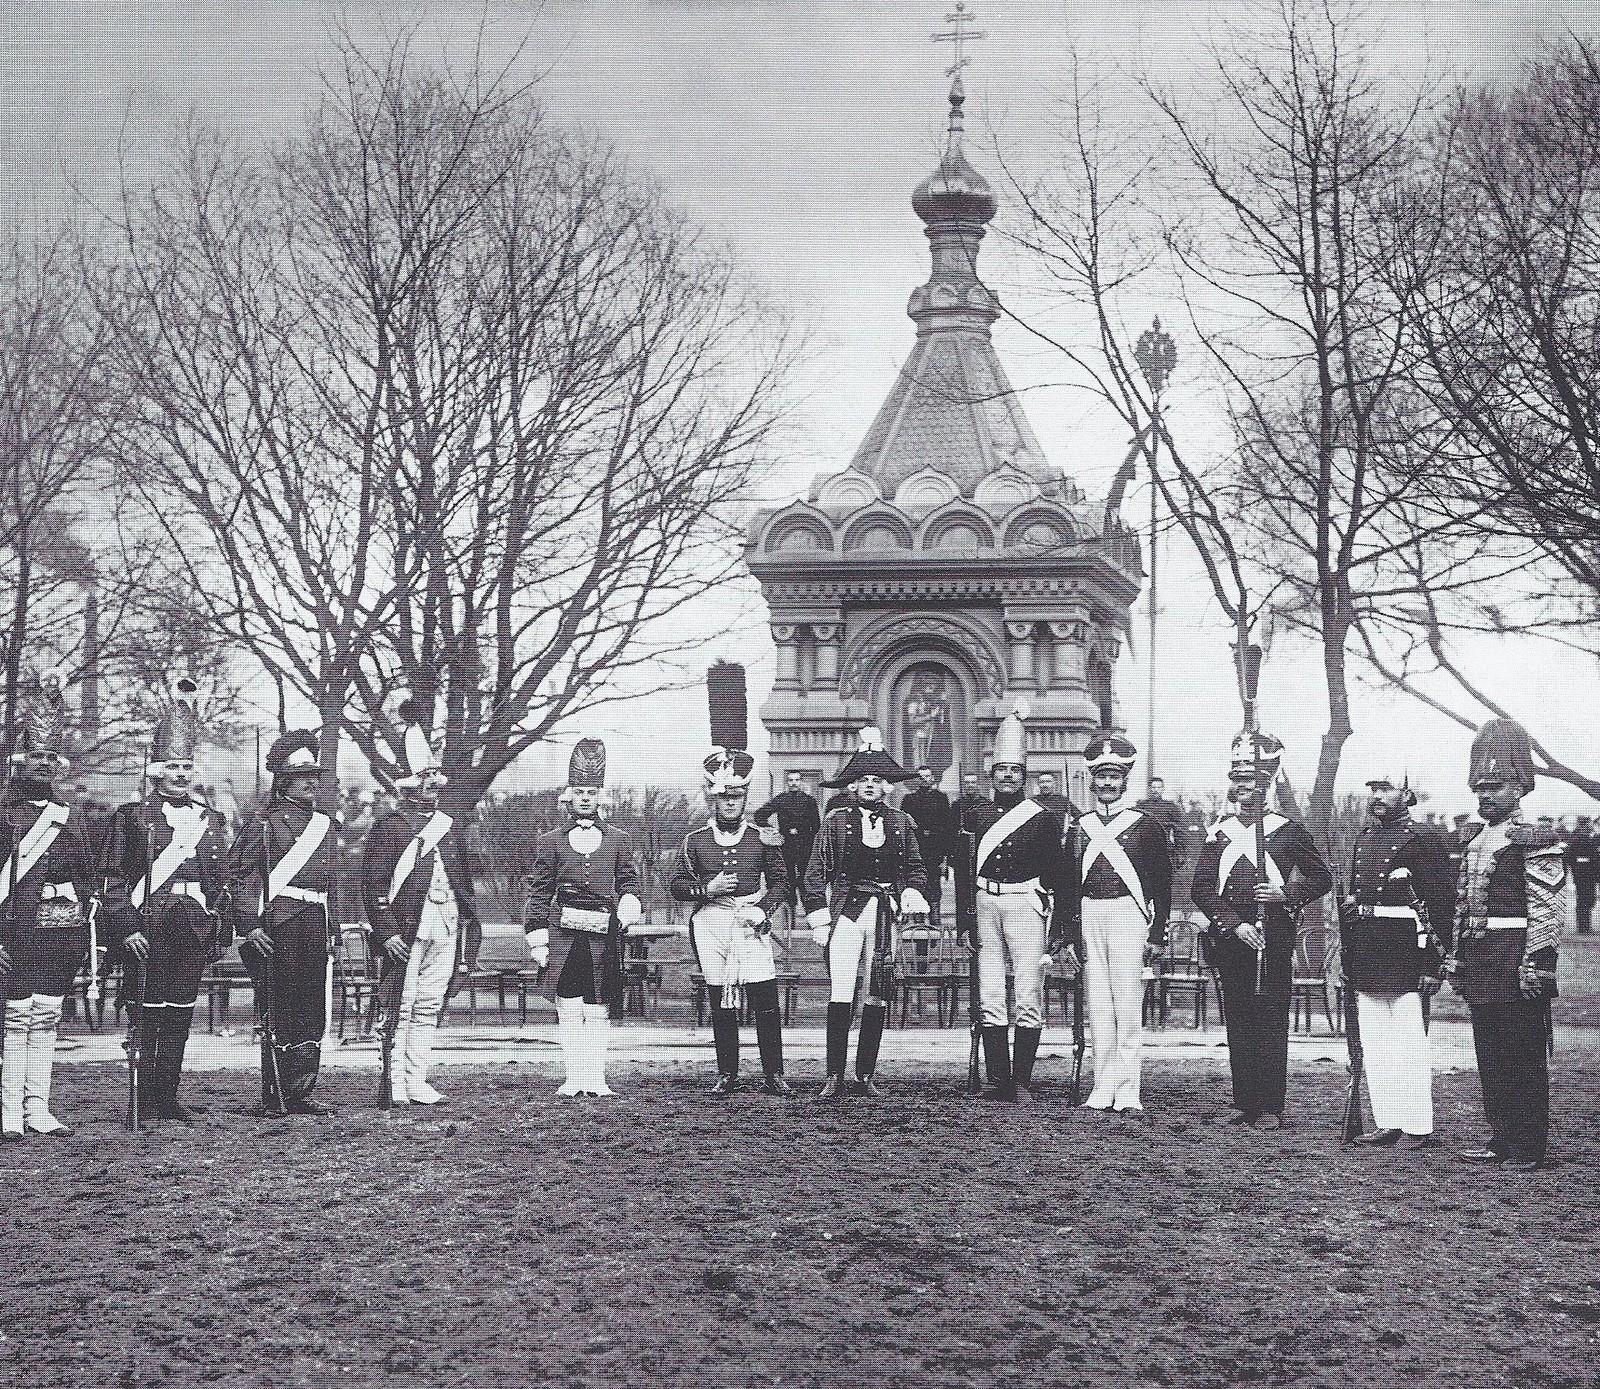 1906. Лейб-гвардии Гренадерский полк. Солдаты в исторических формах полка (1756-1856 гг.)